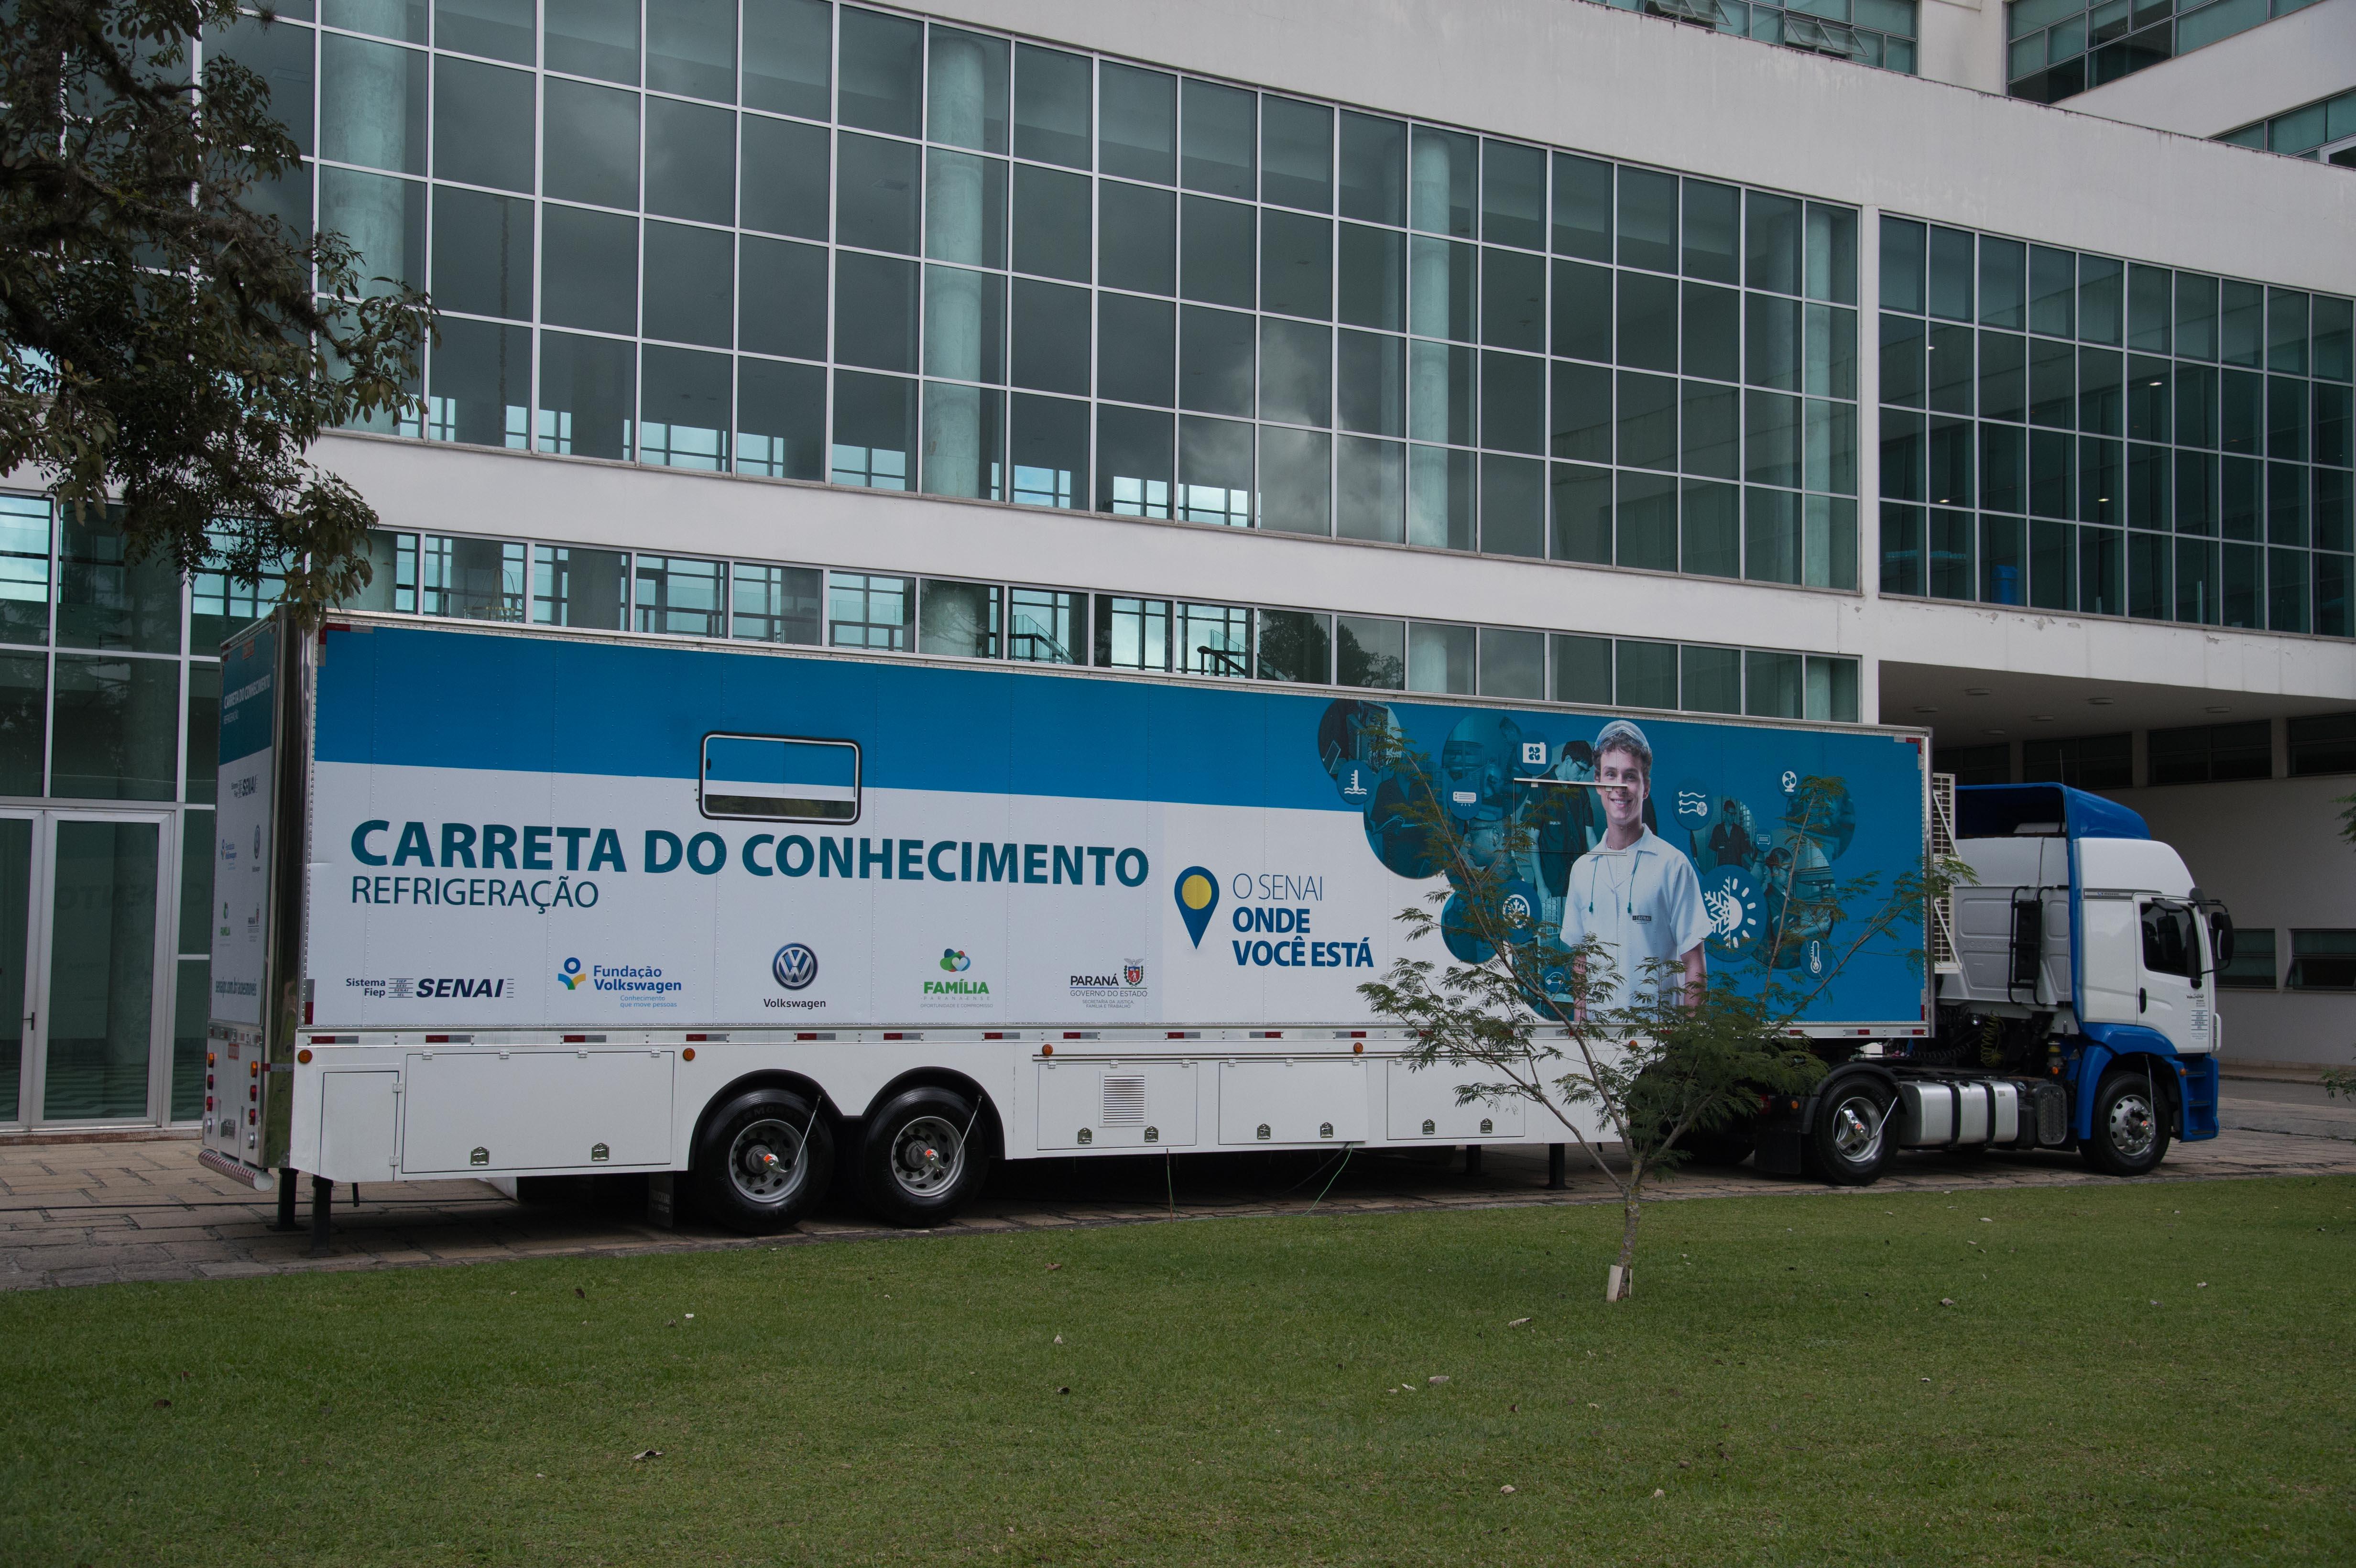 Foto de um caminhão com a sua carreta plotada com o texto Carreta do Conhecimento refrigeração.